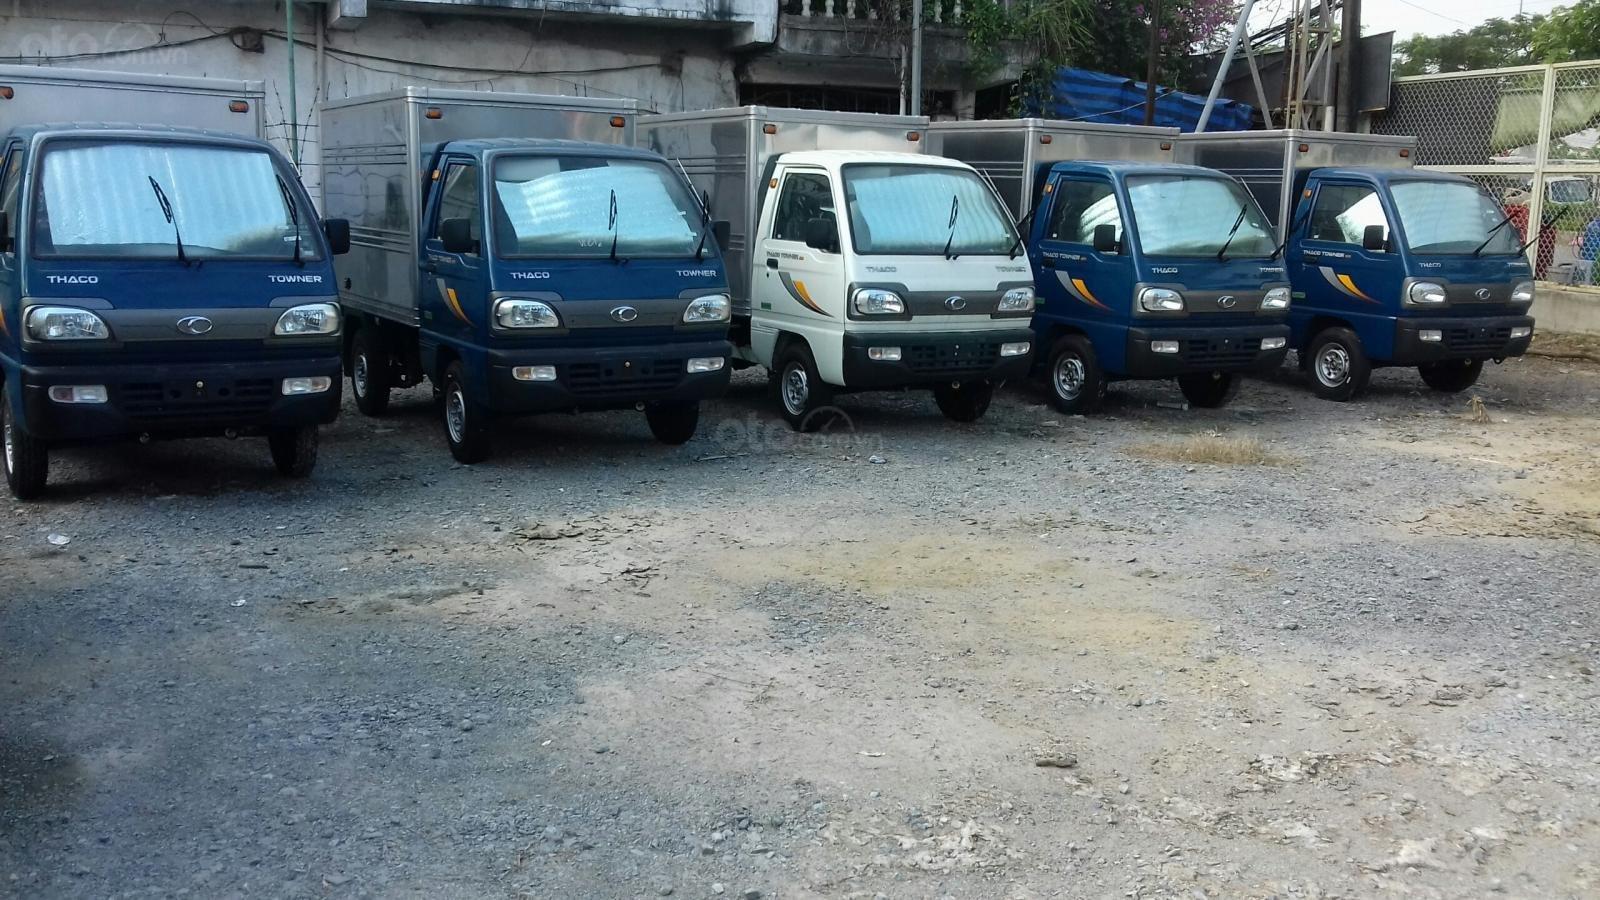 Bán Thaco Towner 800 - tải trọng 990kg / 850Kg - Khuyến mãi 1005 TB (1)